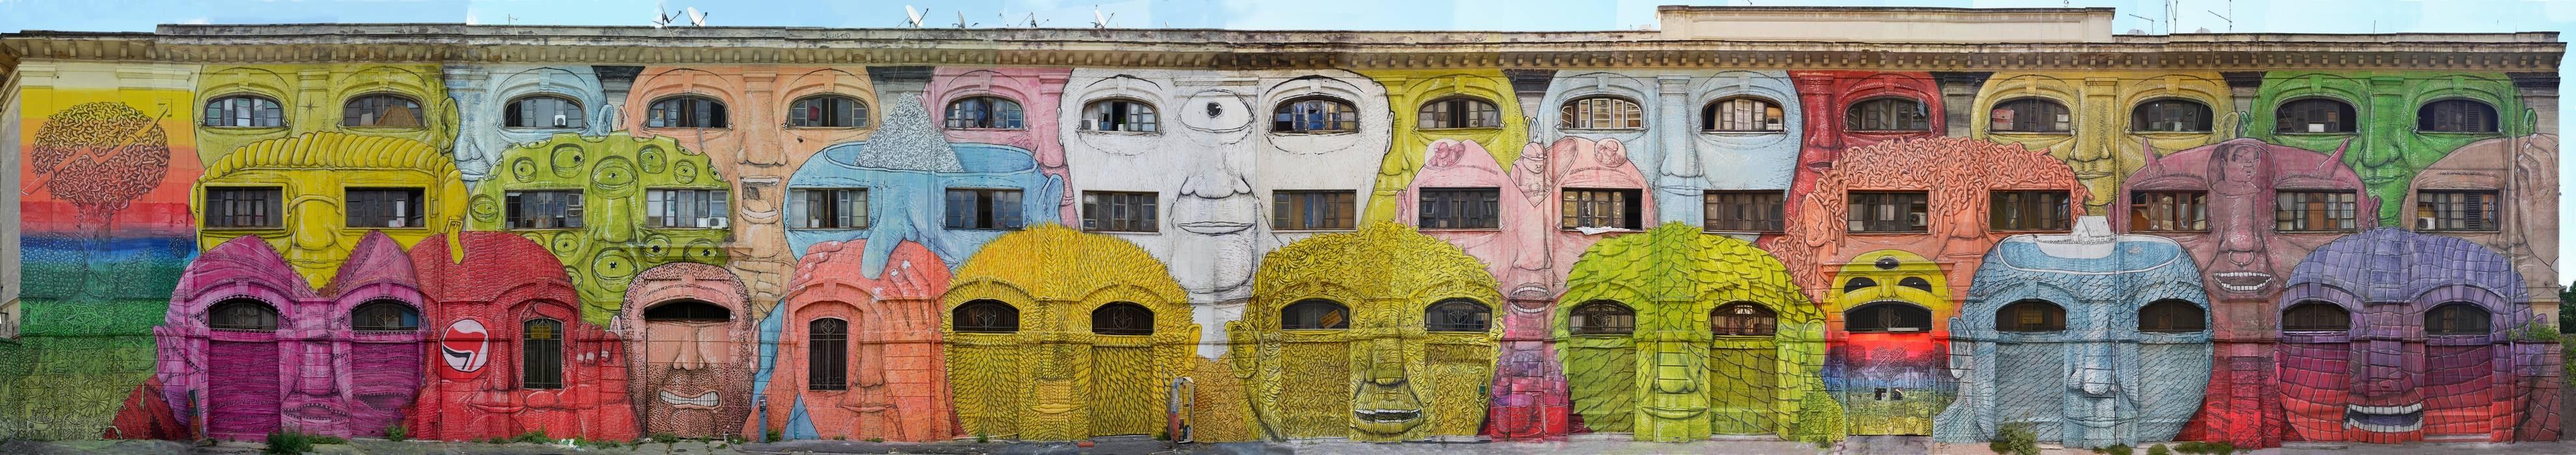 Façana d'uns edificis baixos pintada de manera que semblen cares fent les finestres i portes d'ulls i boques